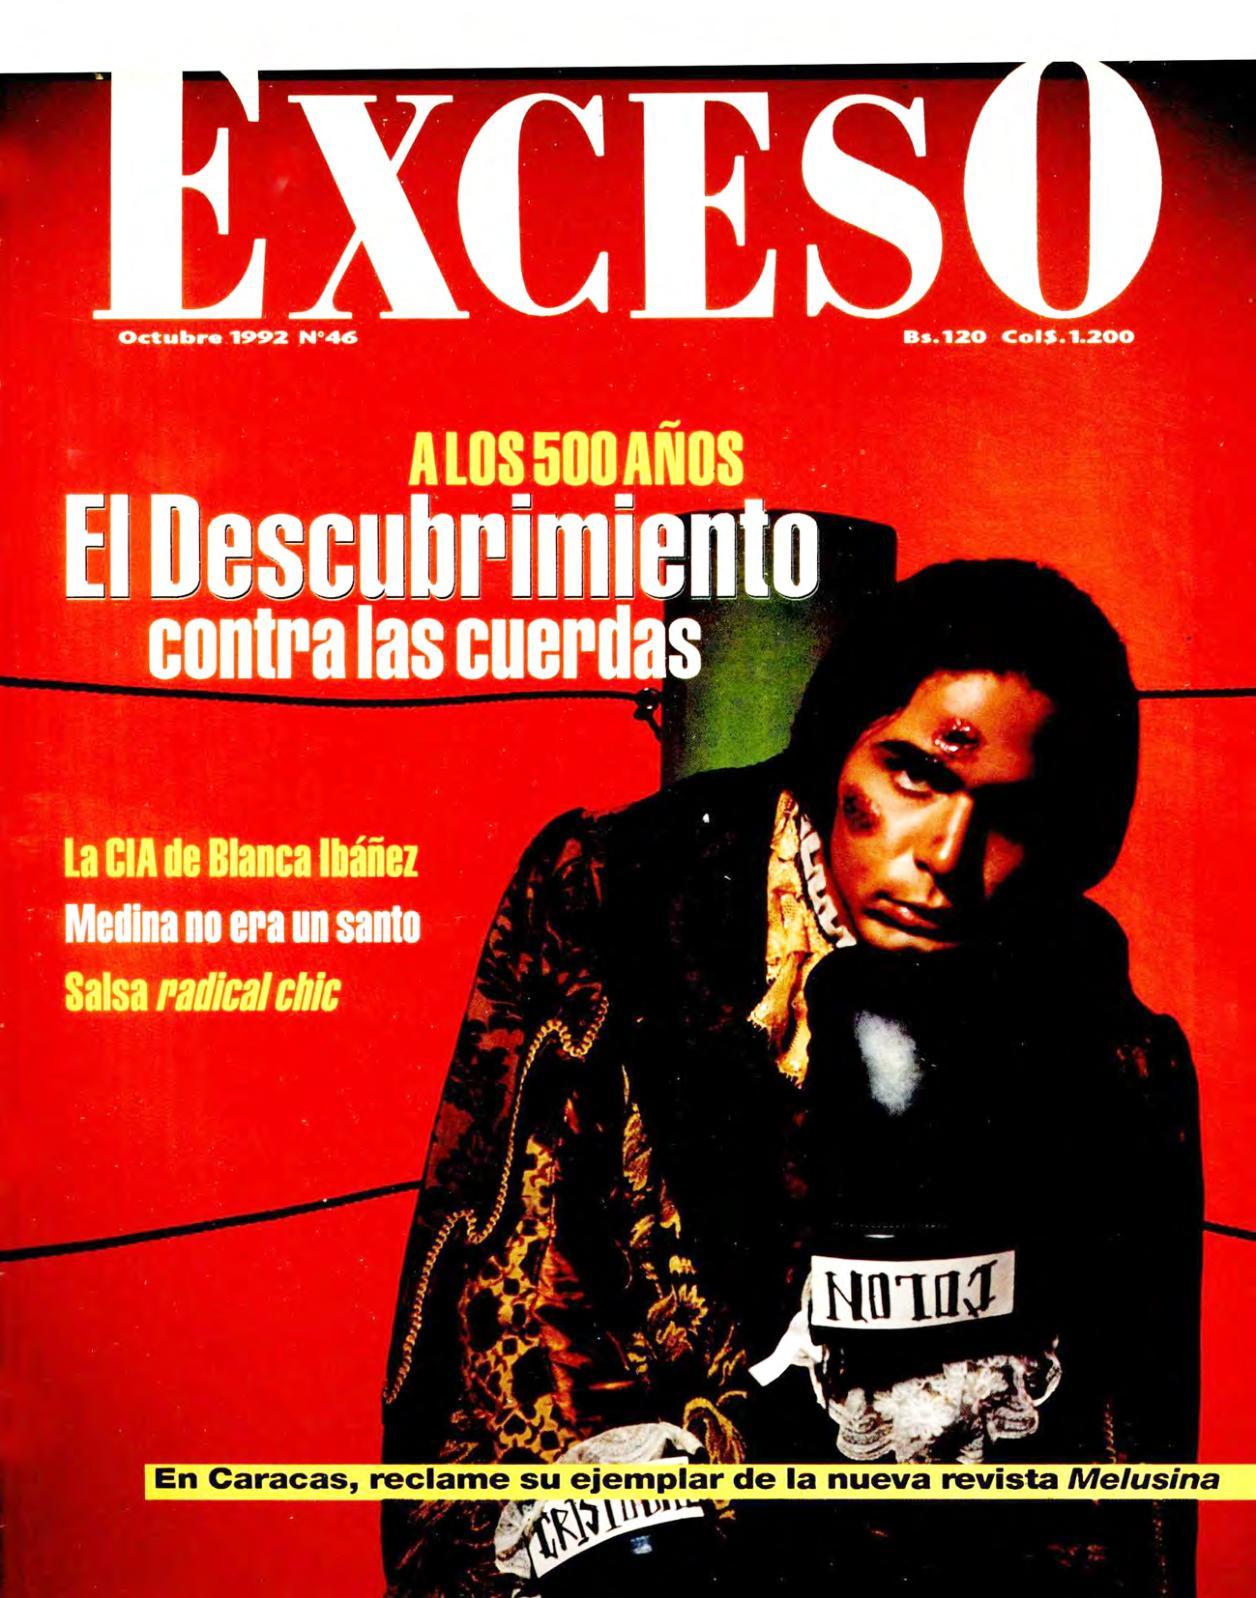 1992 Exceso Calaméo Edicion Nº Octubre 46 Revista 1aYwO